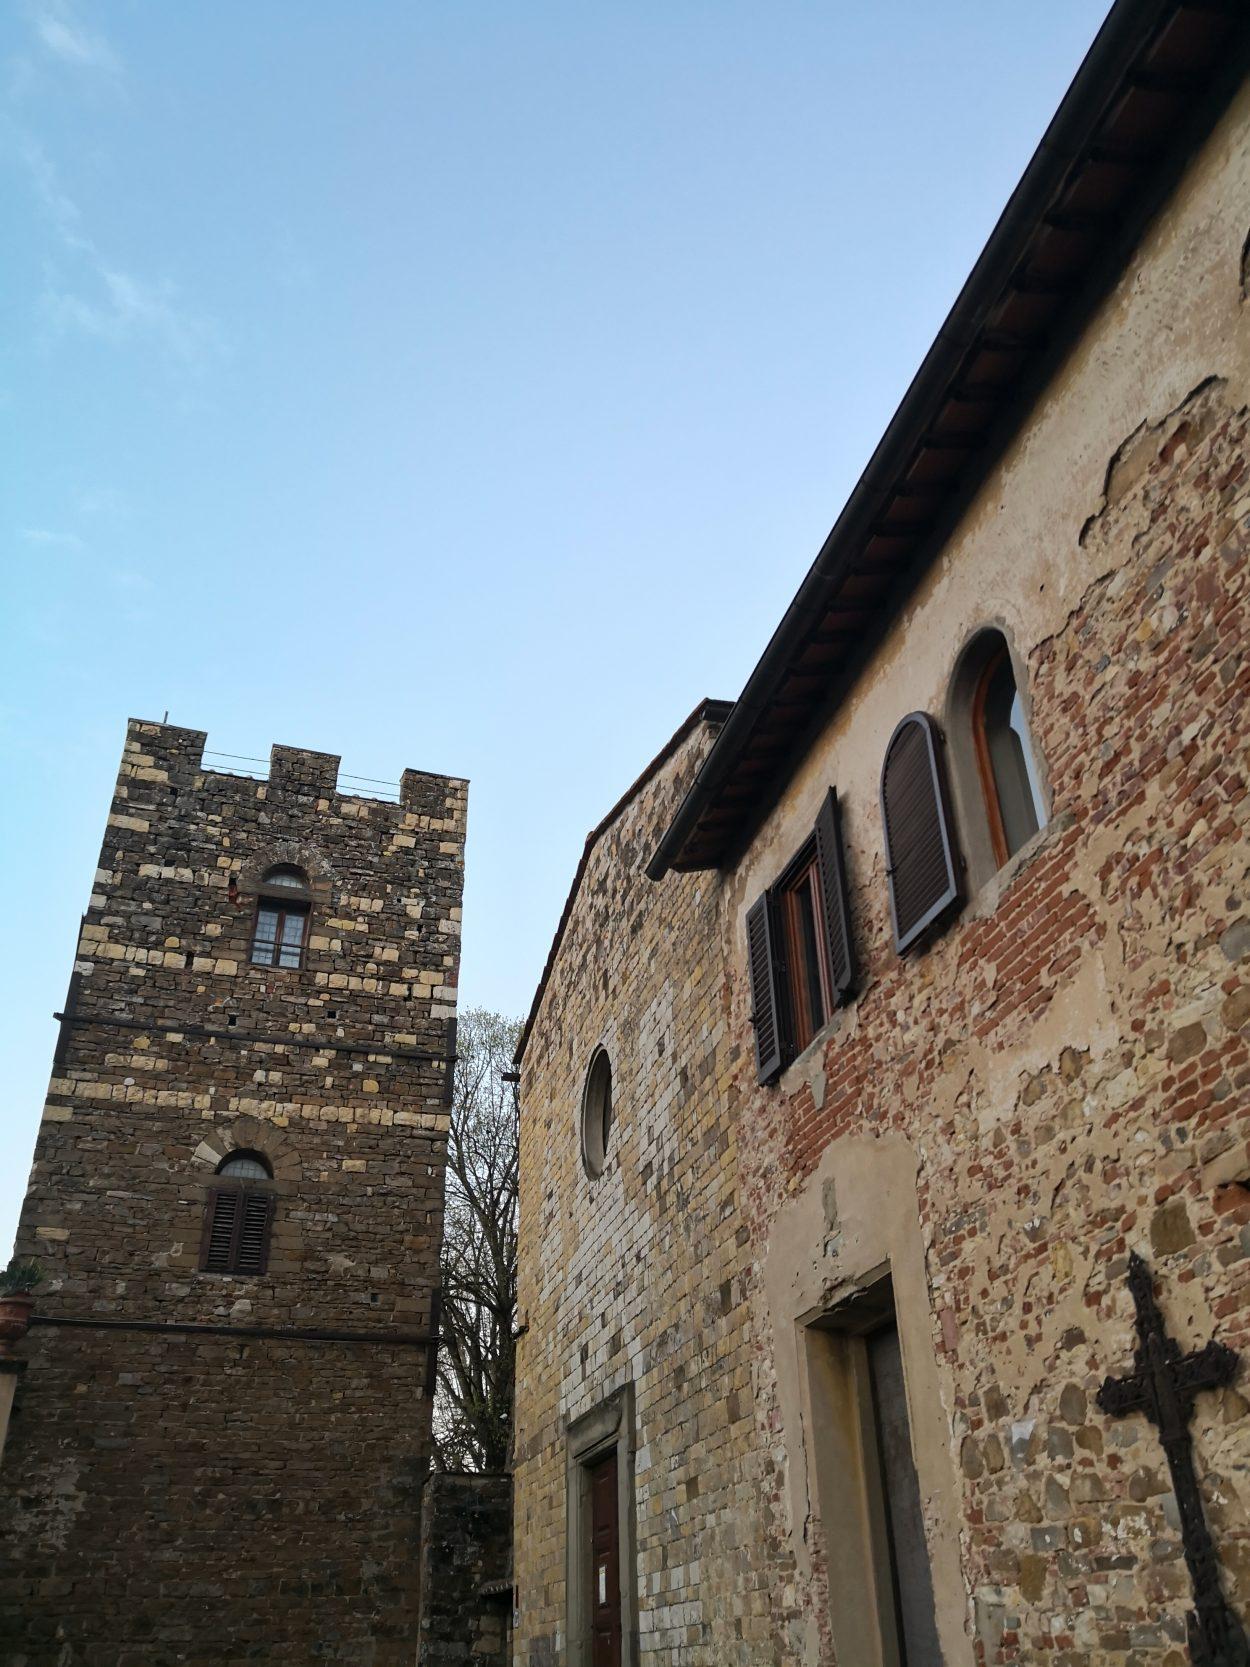 La chiesa di Santa Maria a Soffiano con a fianco la Torre dei Lambardi